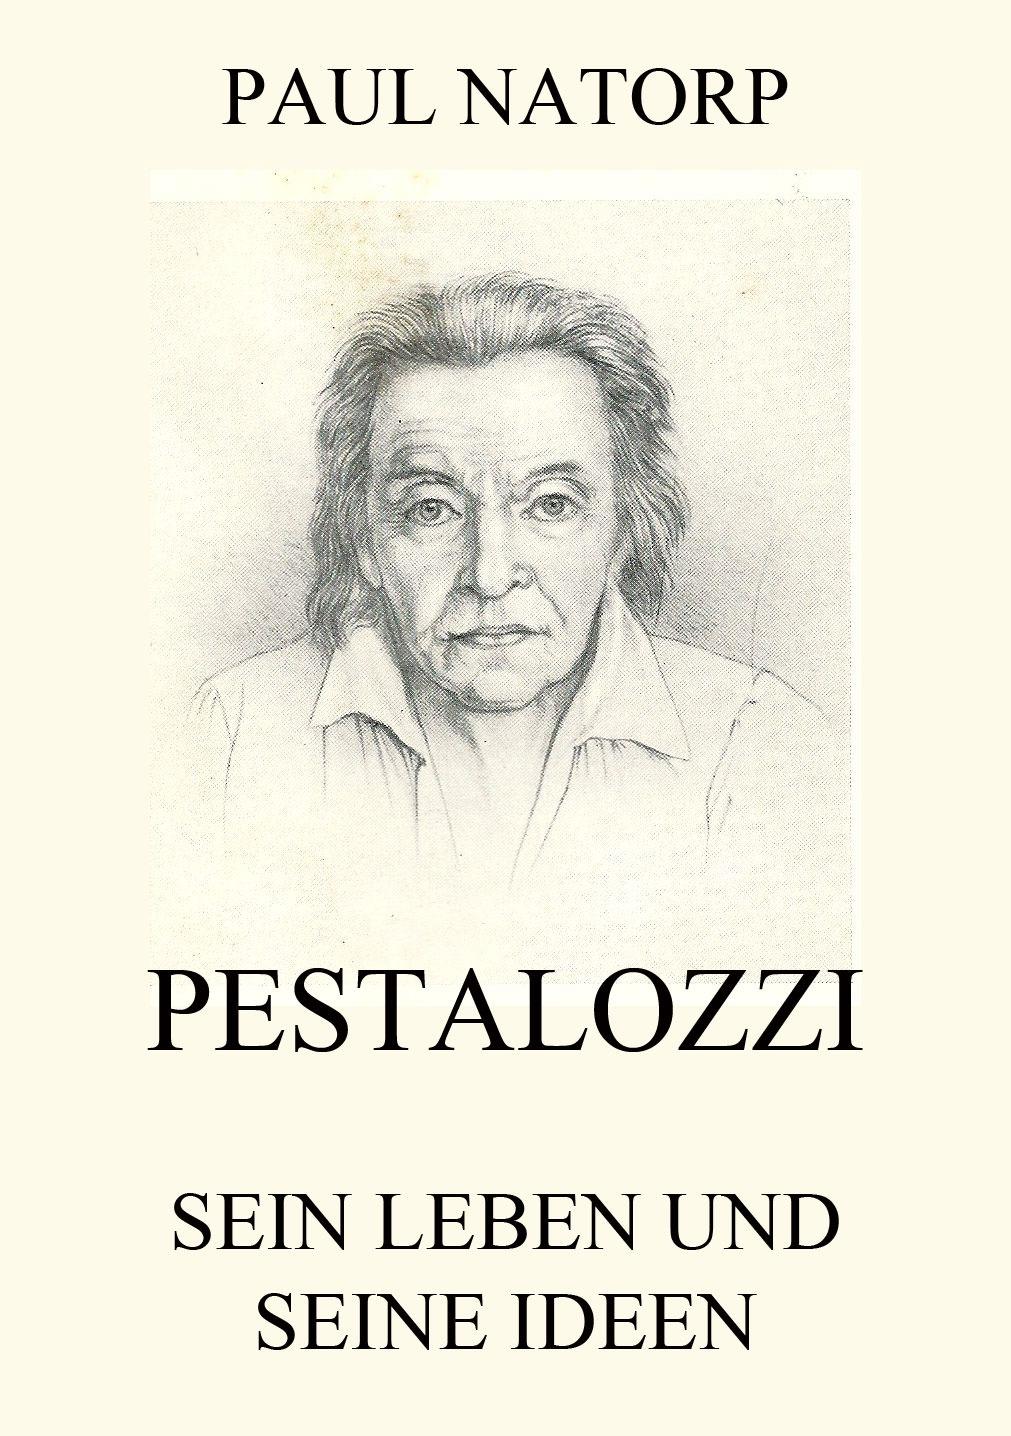 Paul Natorp Pestalozzi - Sein Leben und seine Ideen